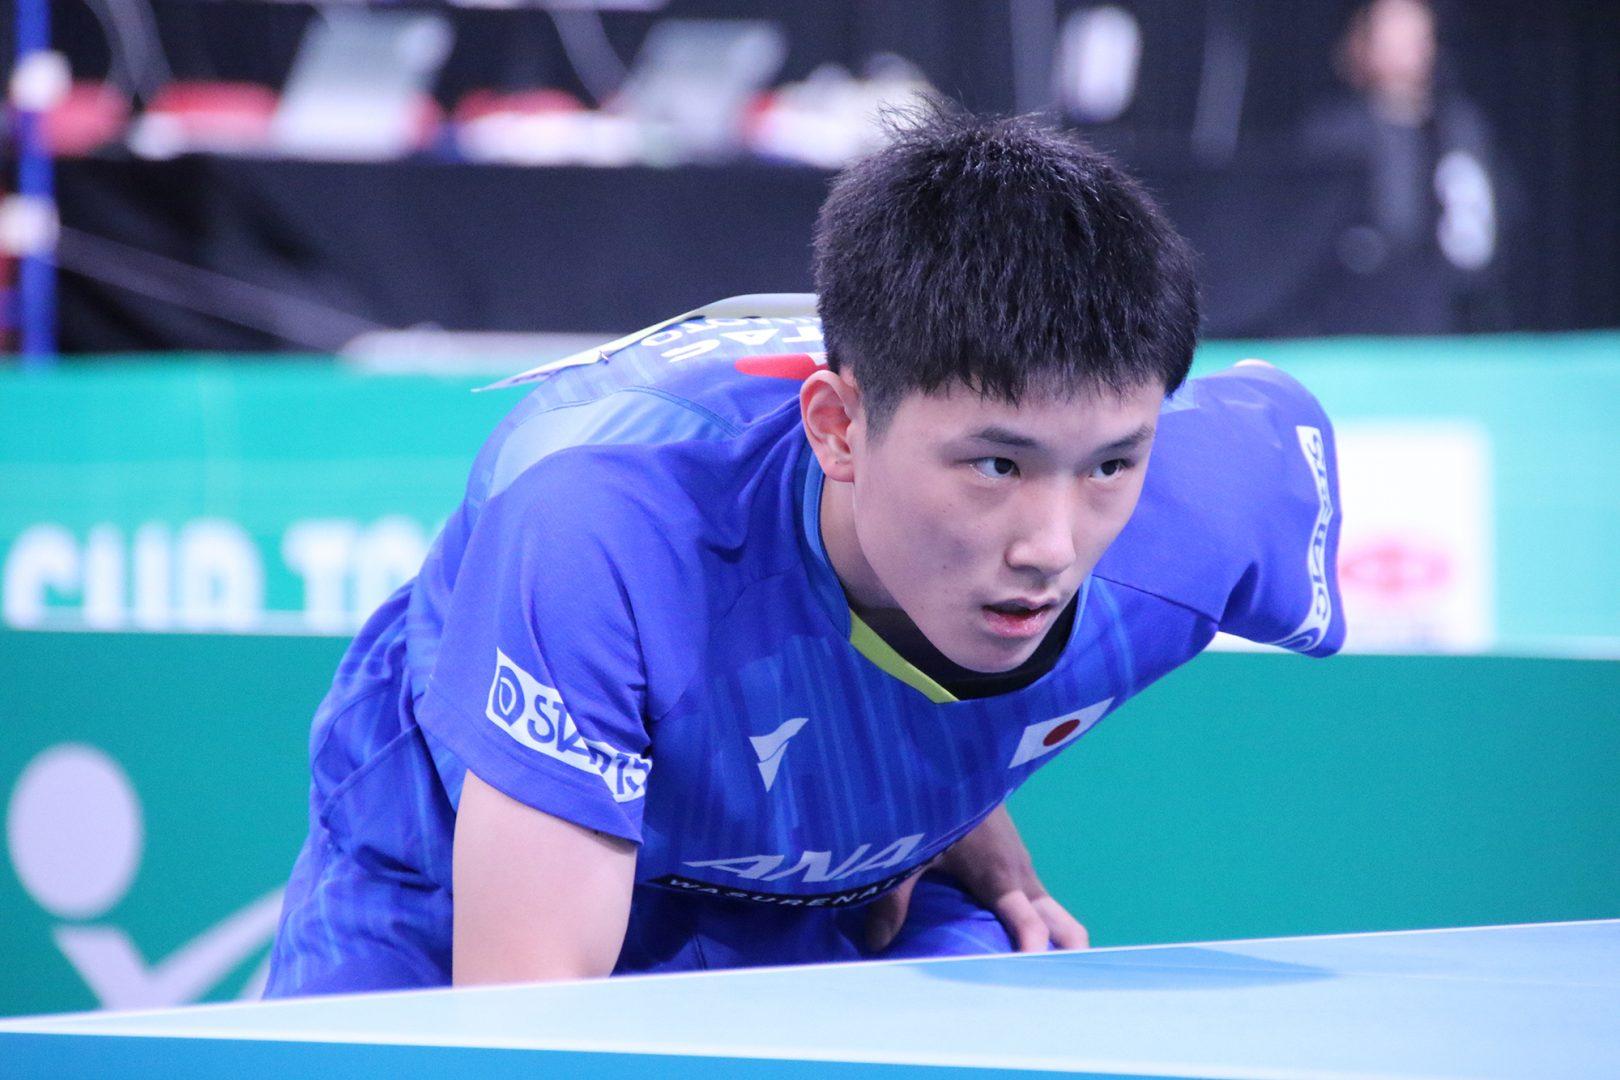 日本男子、苦杯 張本「まだ団体戦の戦い方ができてない」<JA全農 卓球チームワールドカップ>